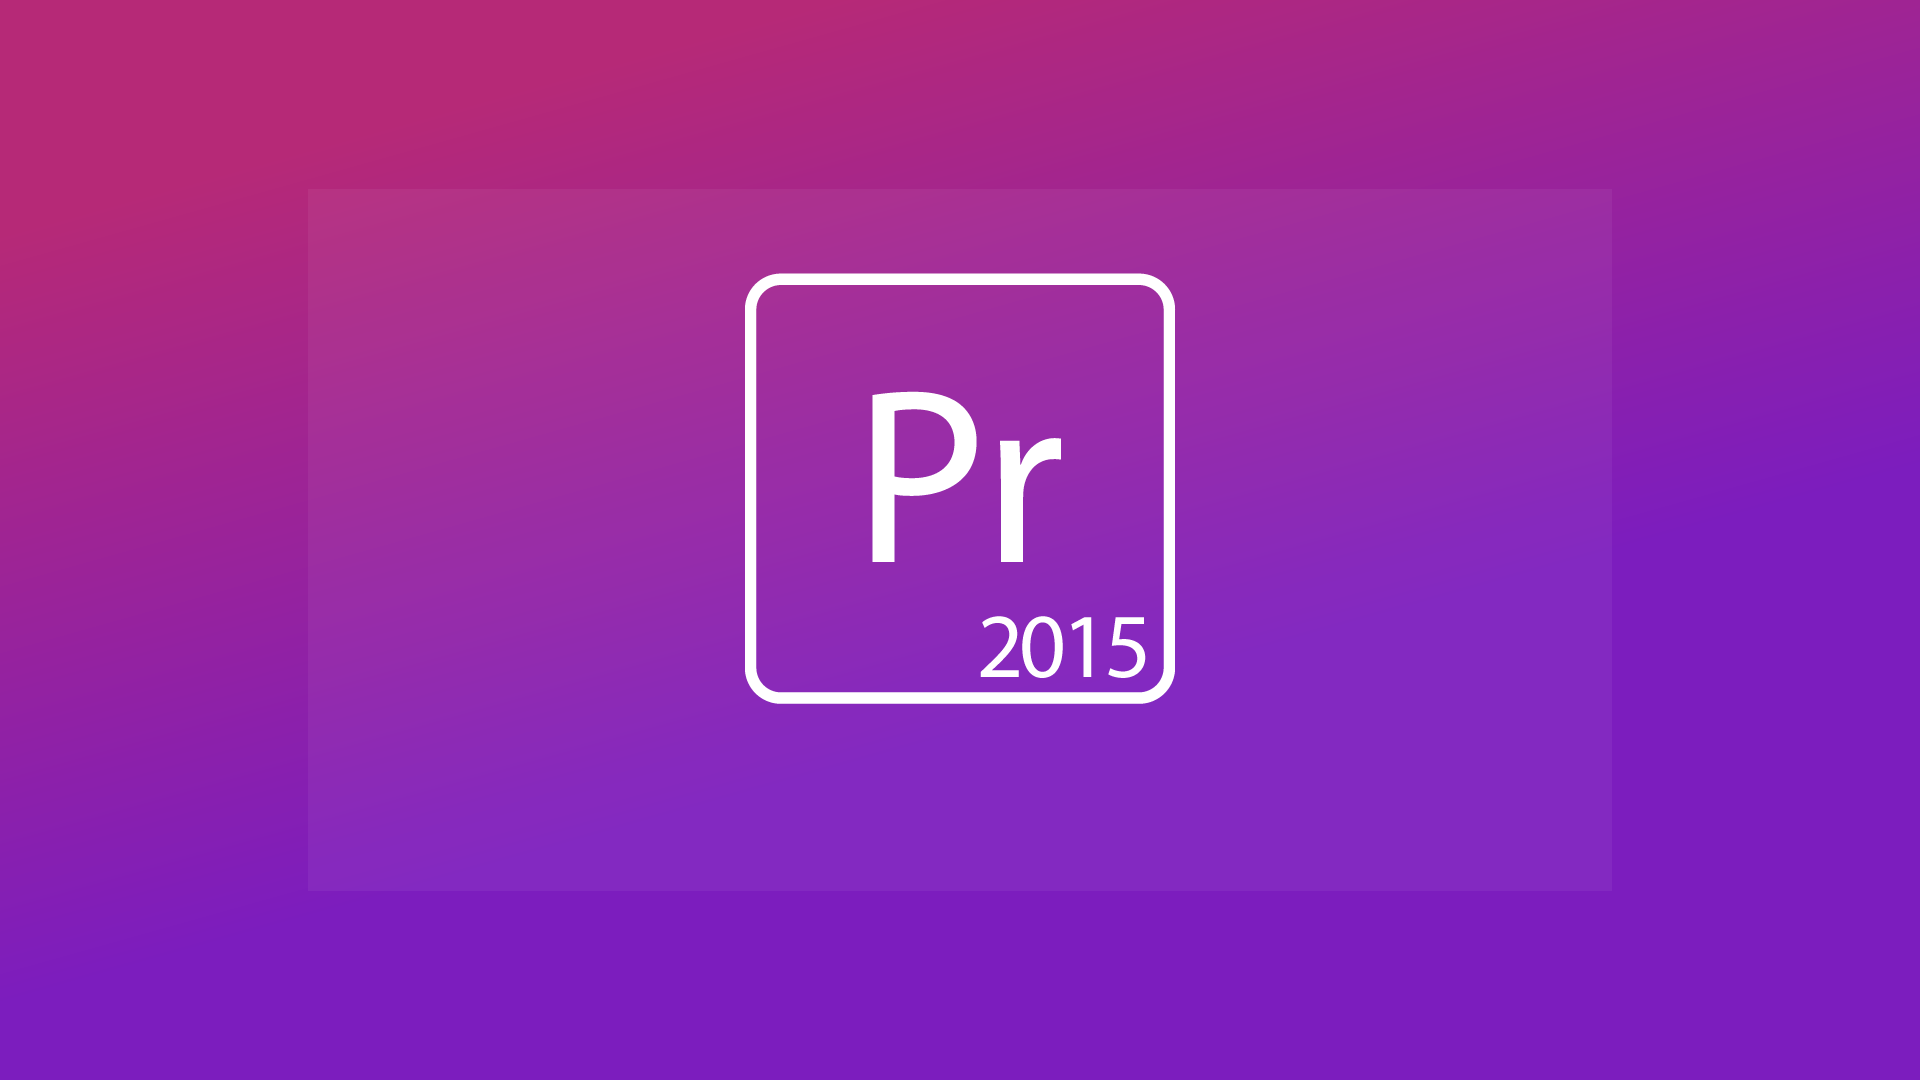 Premiere Pro Creative Cloud 2015